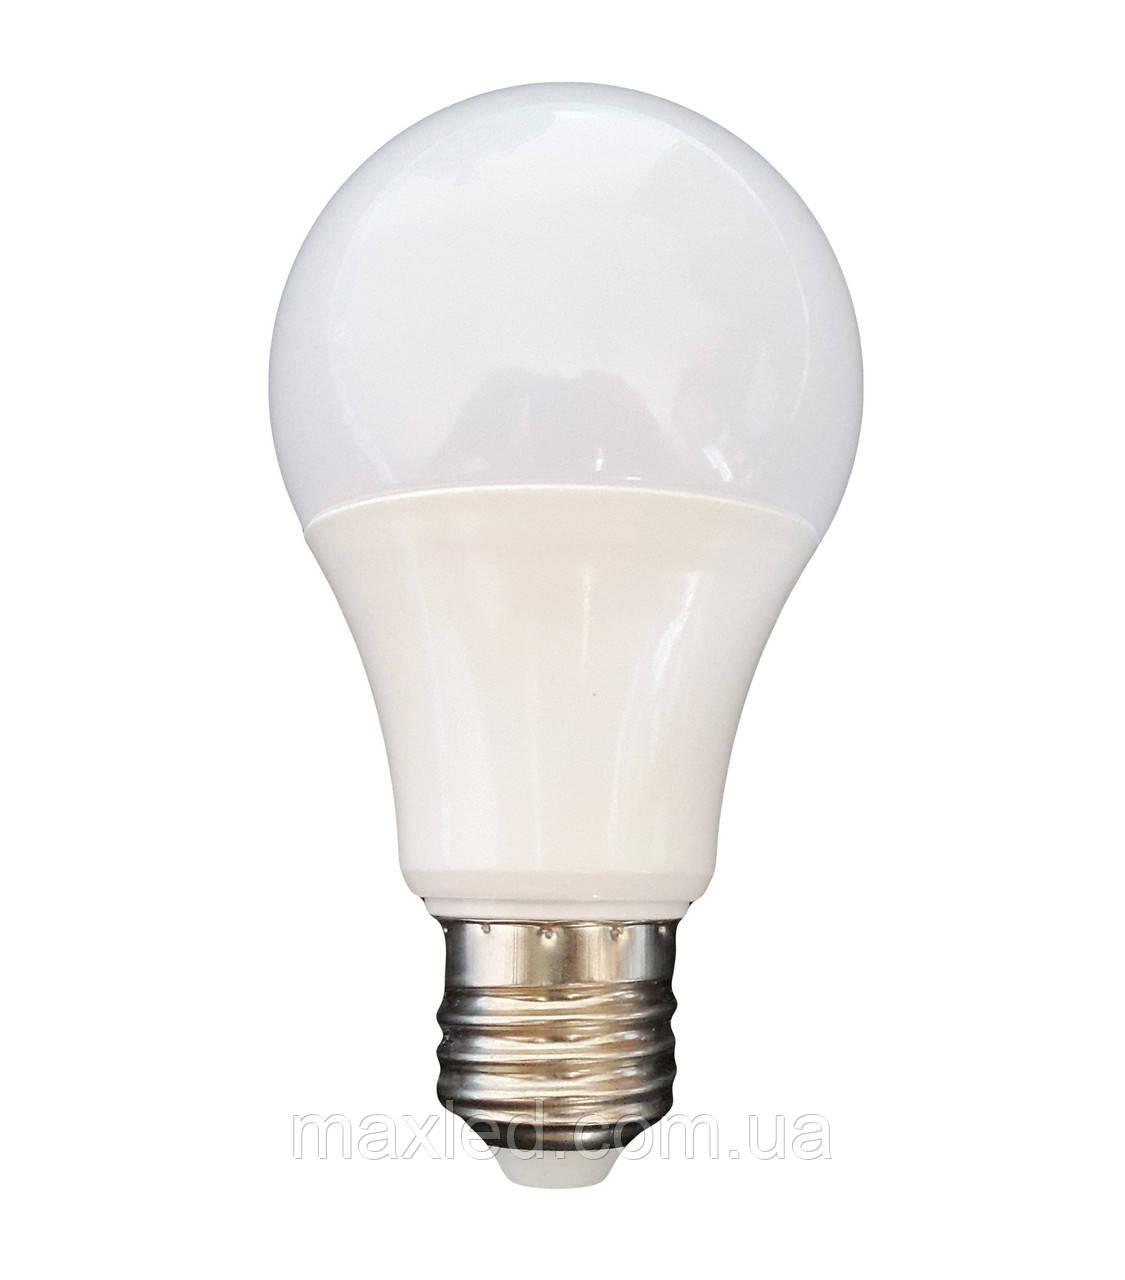 Светодиодная лампа  9Вт EA9WWE27 E27 , фото 1